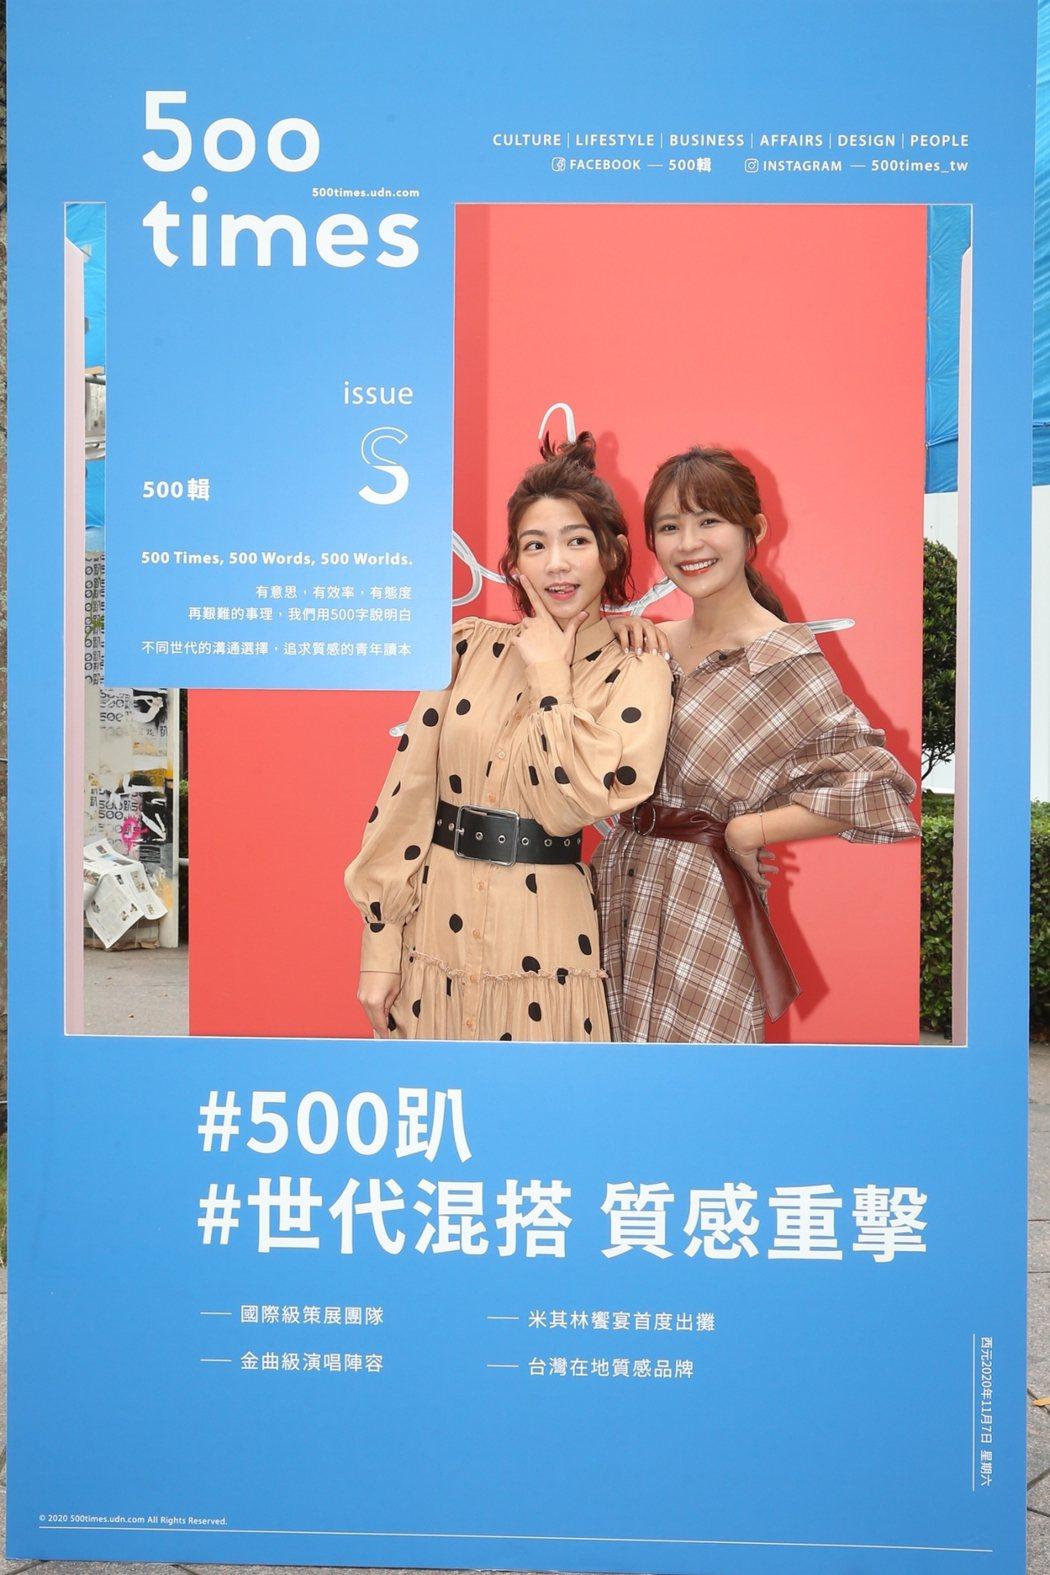 「天之驕女」雙胞胎林萱瑜(右)、曾智希出席500趴。記者余承翰/攝影